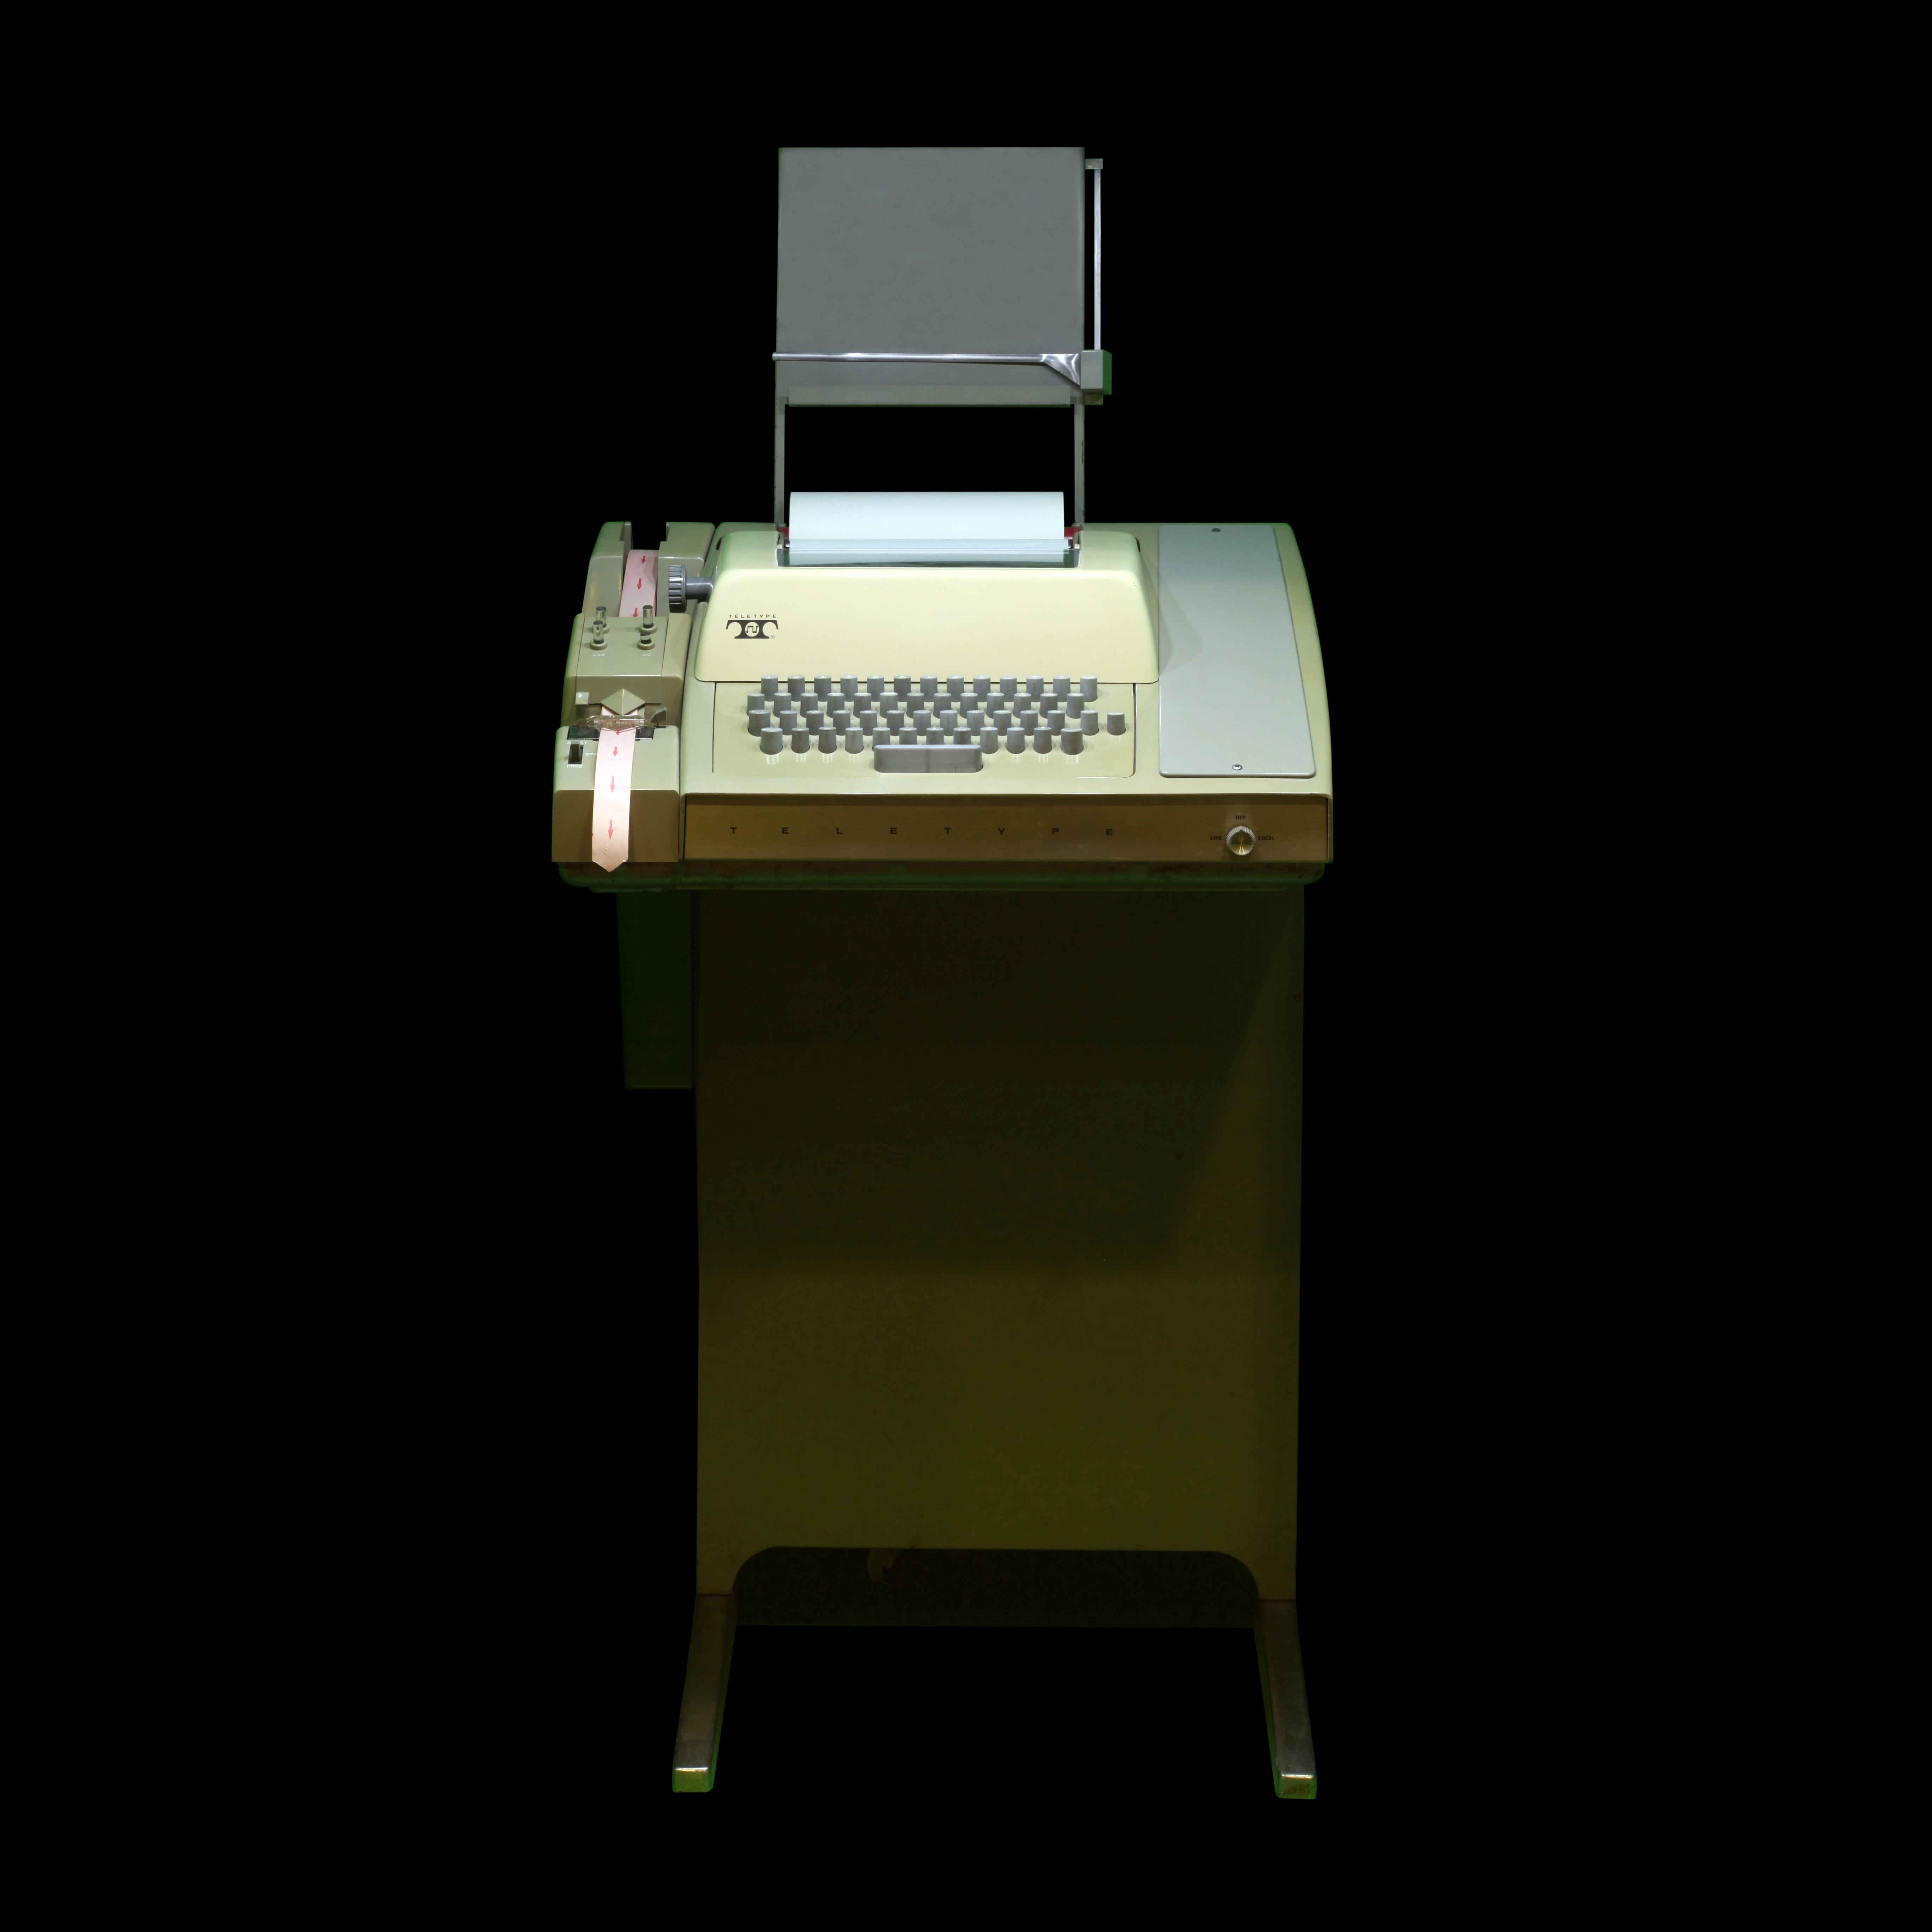 ASR-33 Teletype terminal IMG 1658.jpg